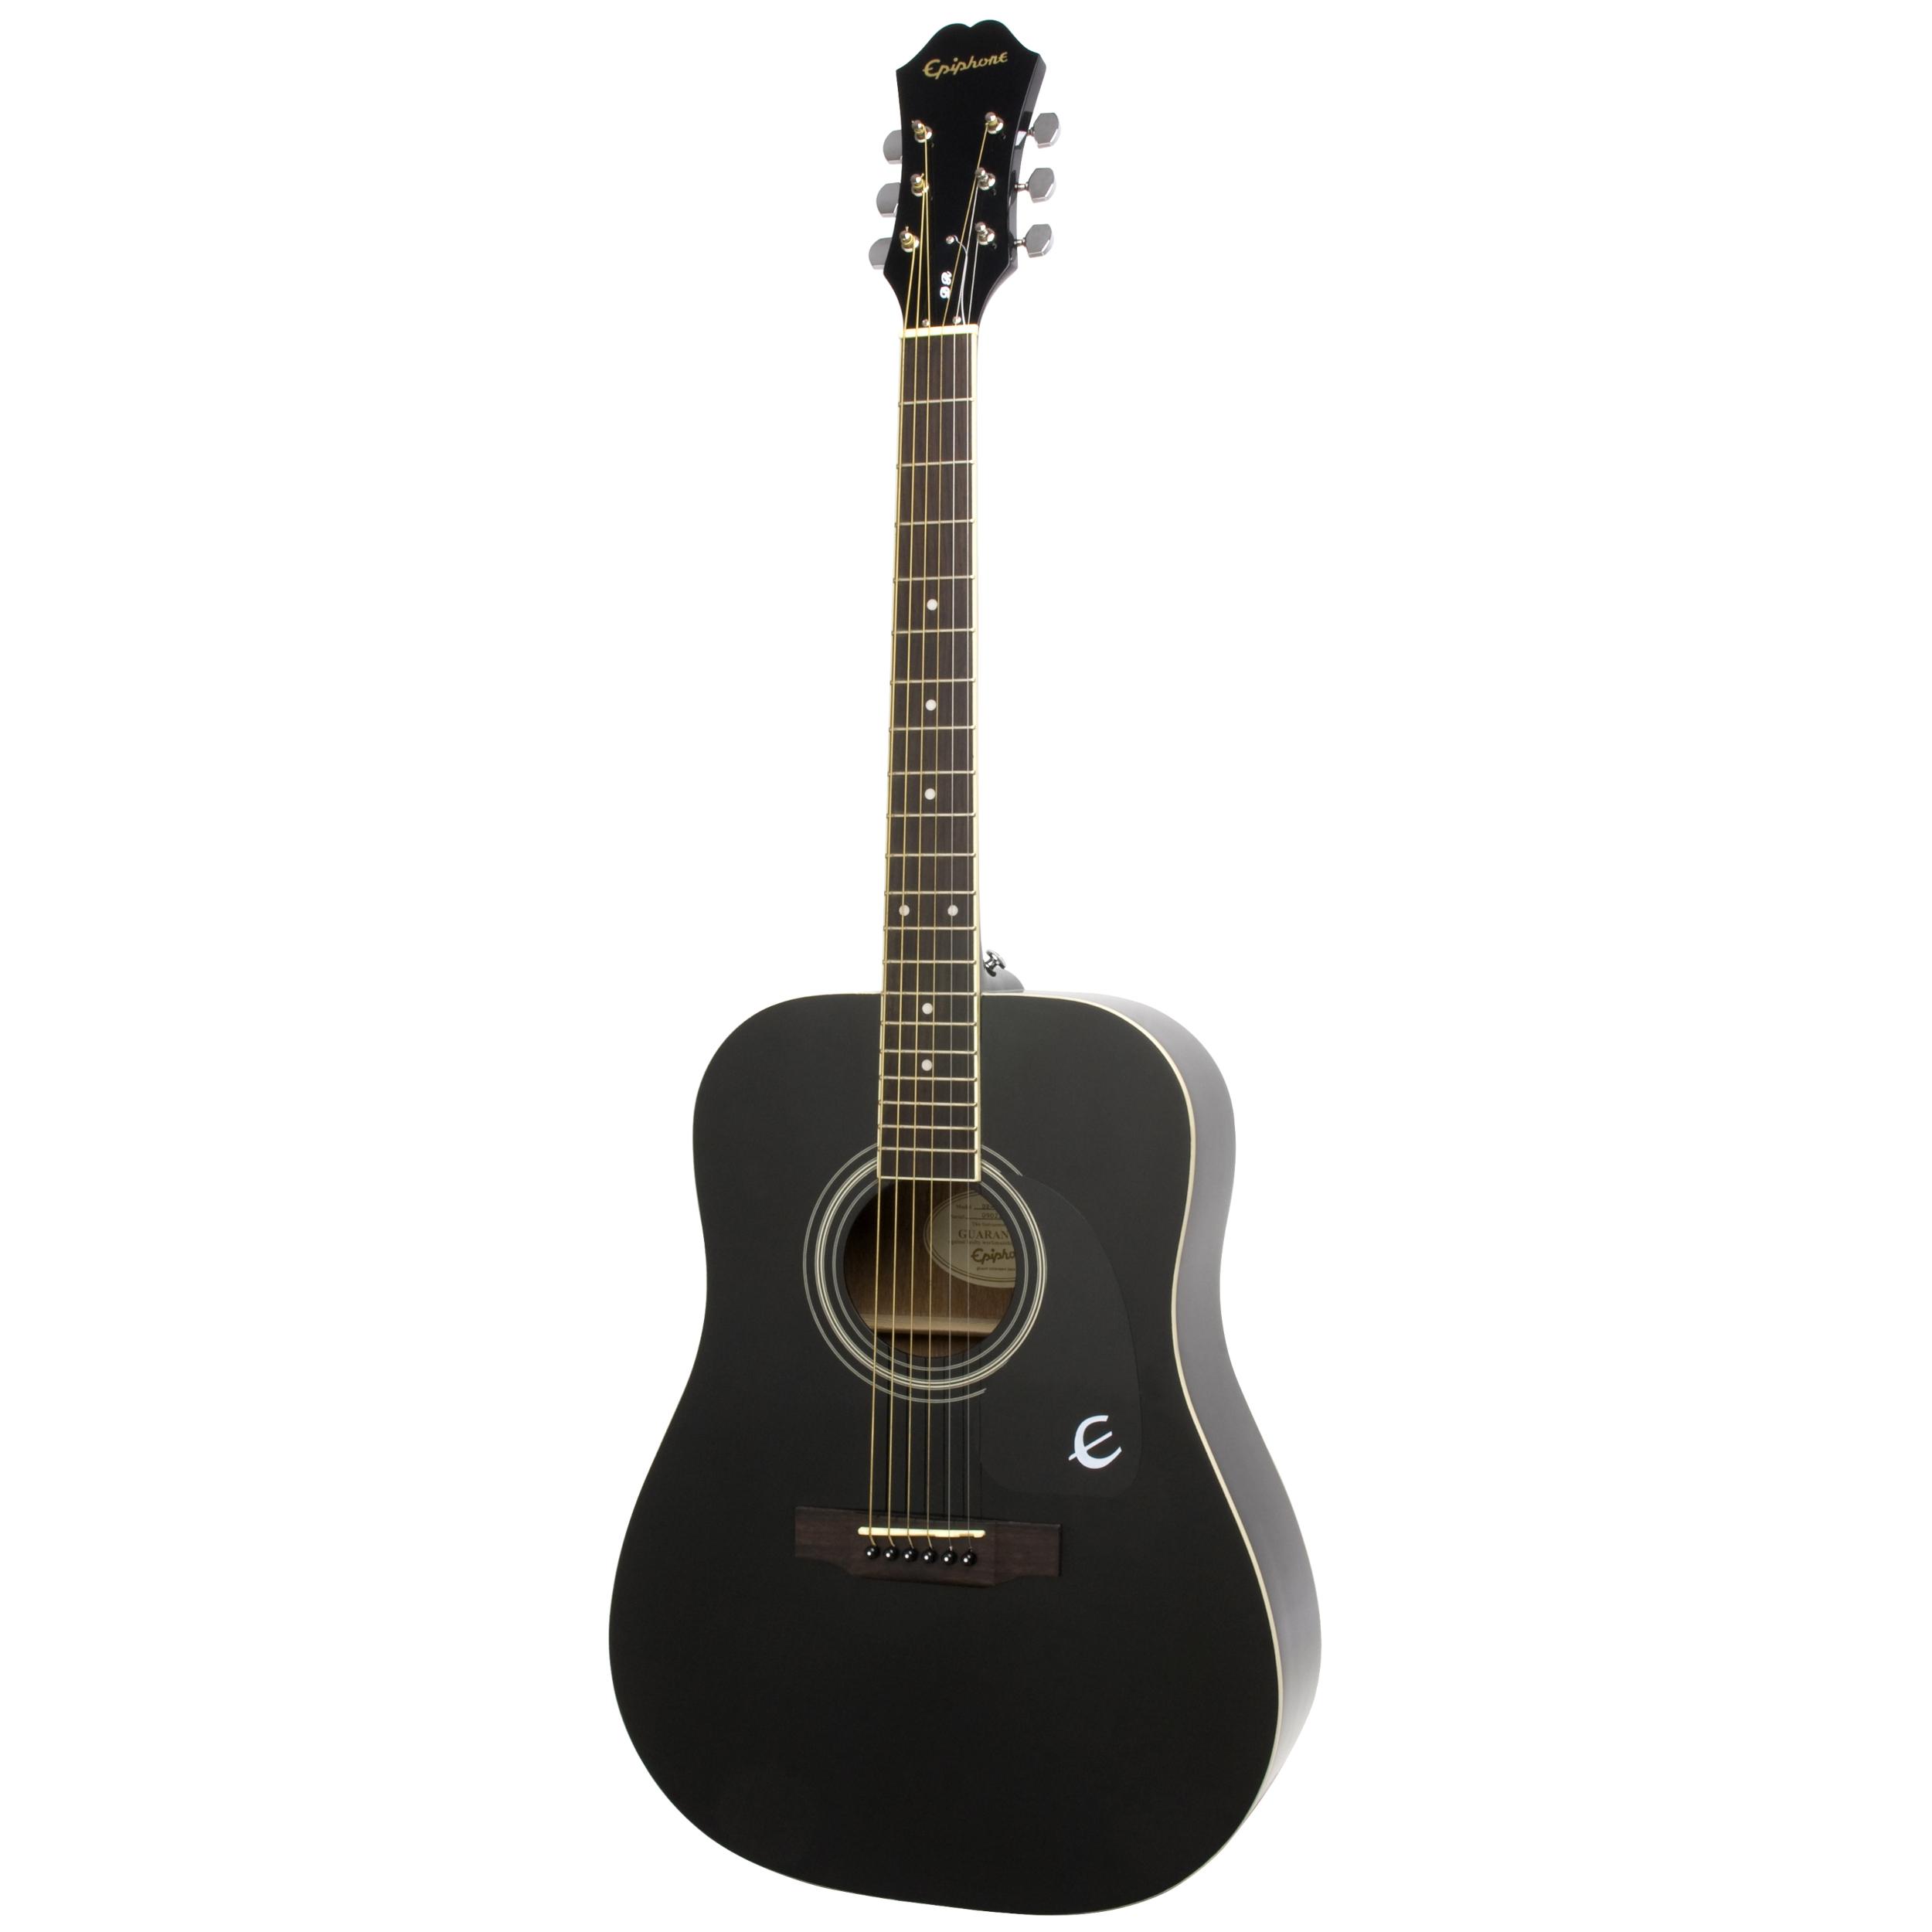 Epiphone DR-100 - Ebony Guitar